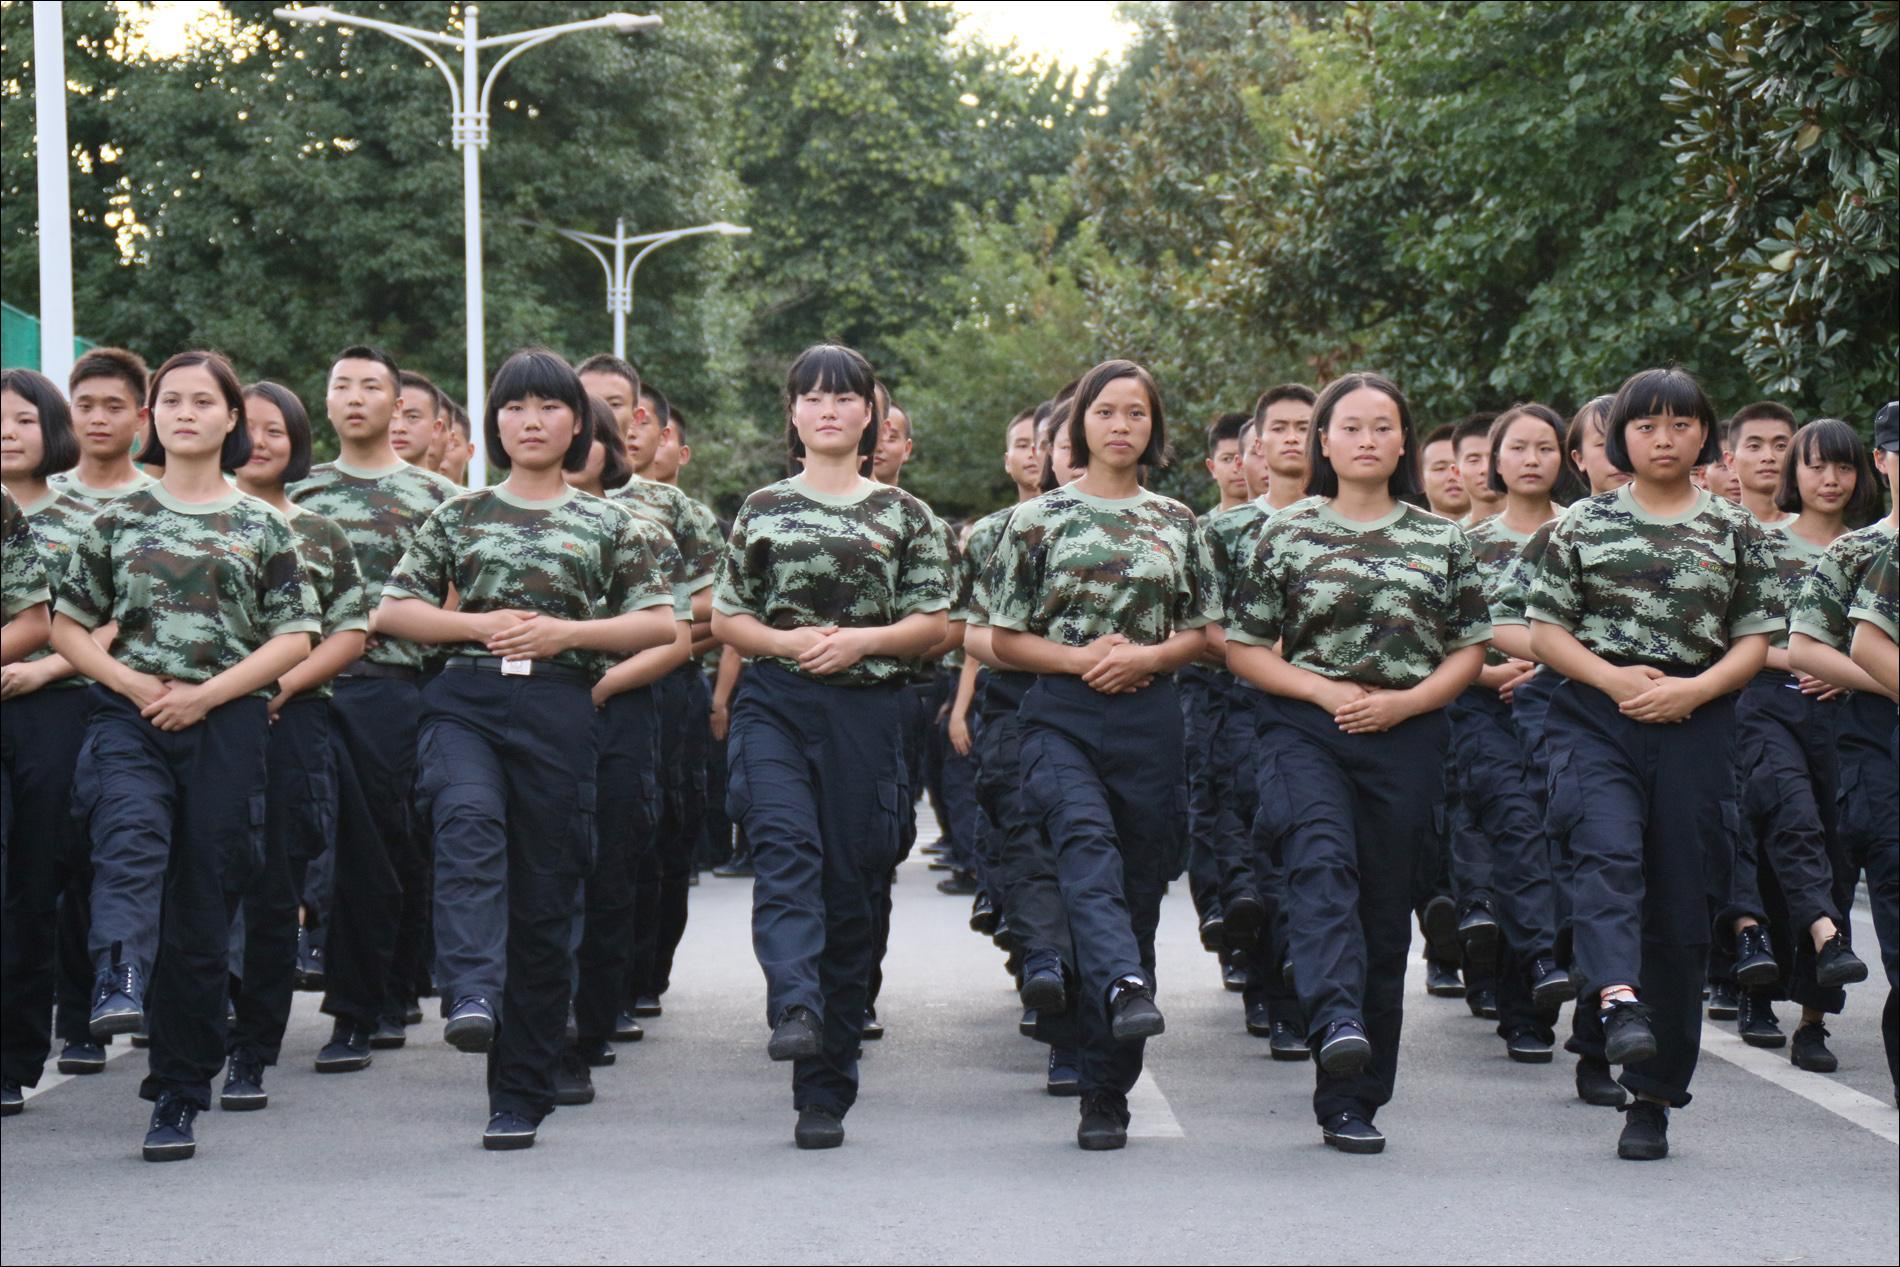 组图――百炼成钢-贵州警官职业学院校报电子版